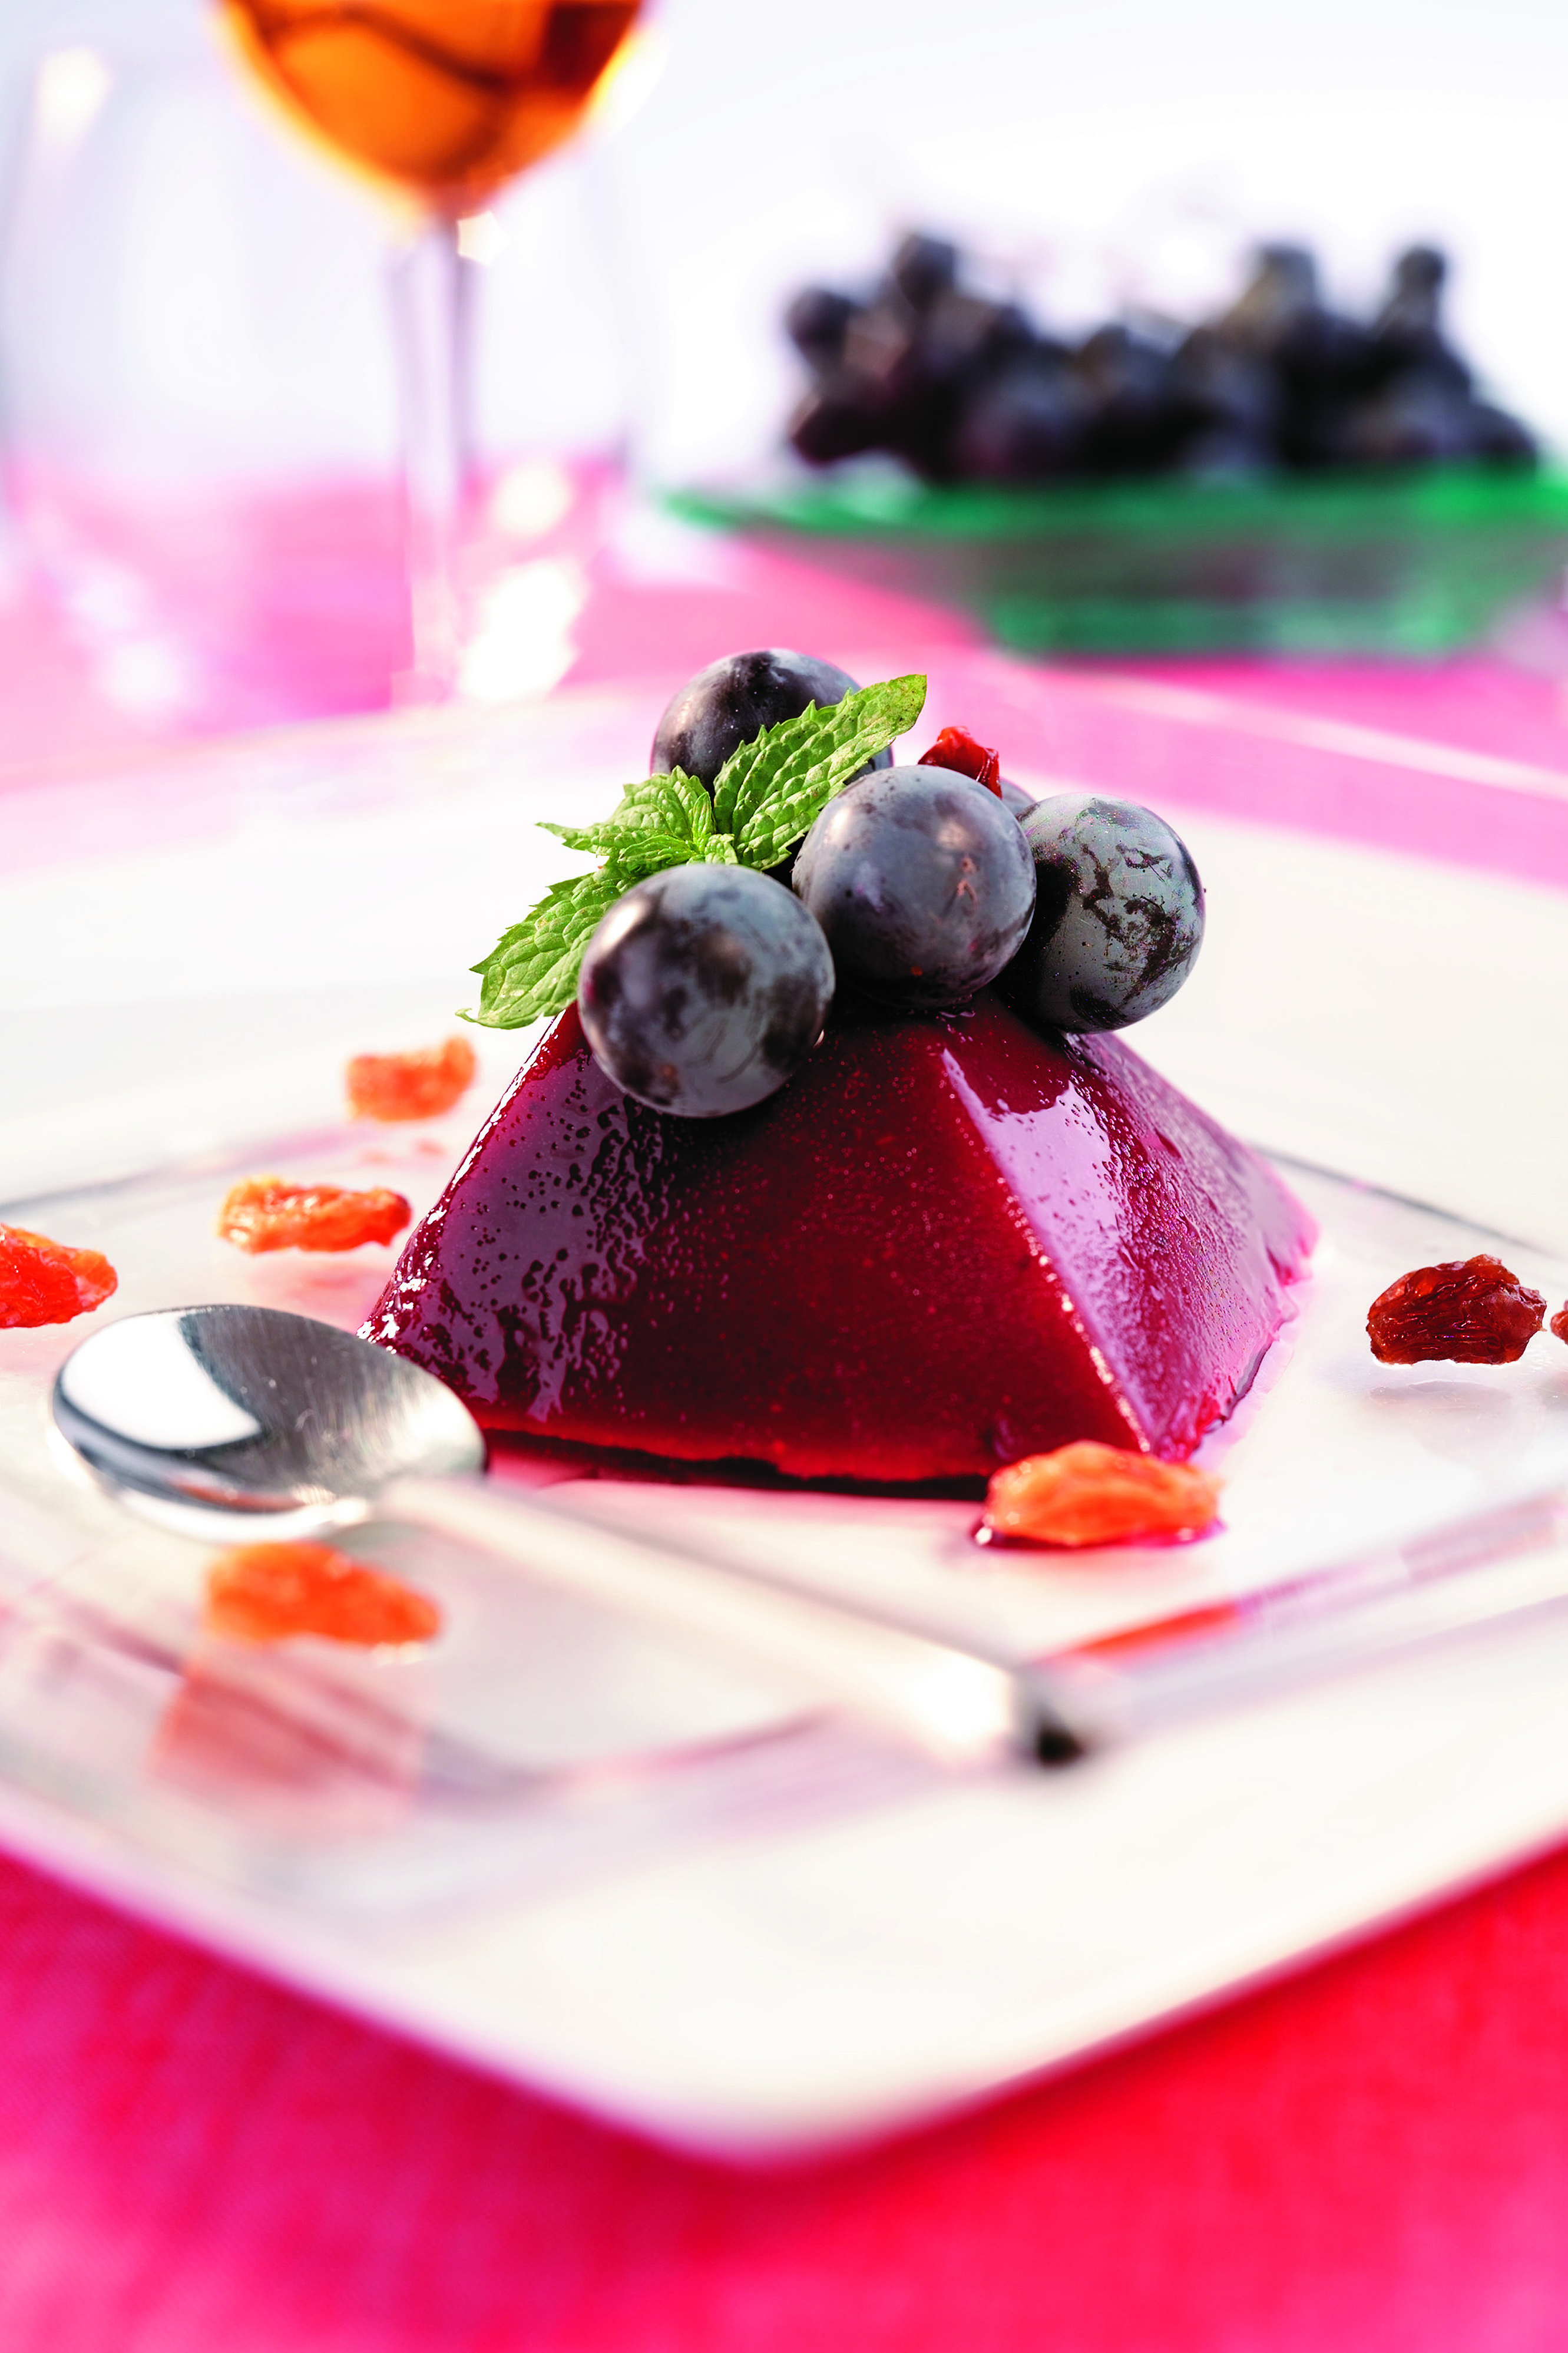 Dessert recipe moscato and concord grape jelly italy travel and italian dessert moscato and concord grape jelly italy travel and life forumfinder Gallery